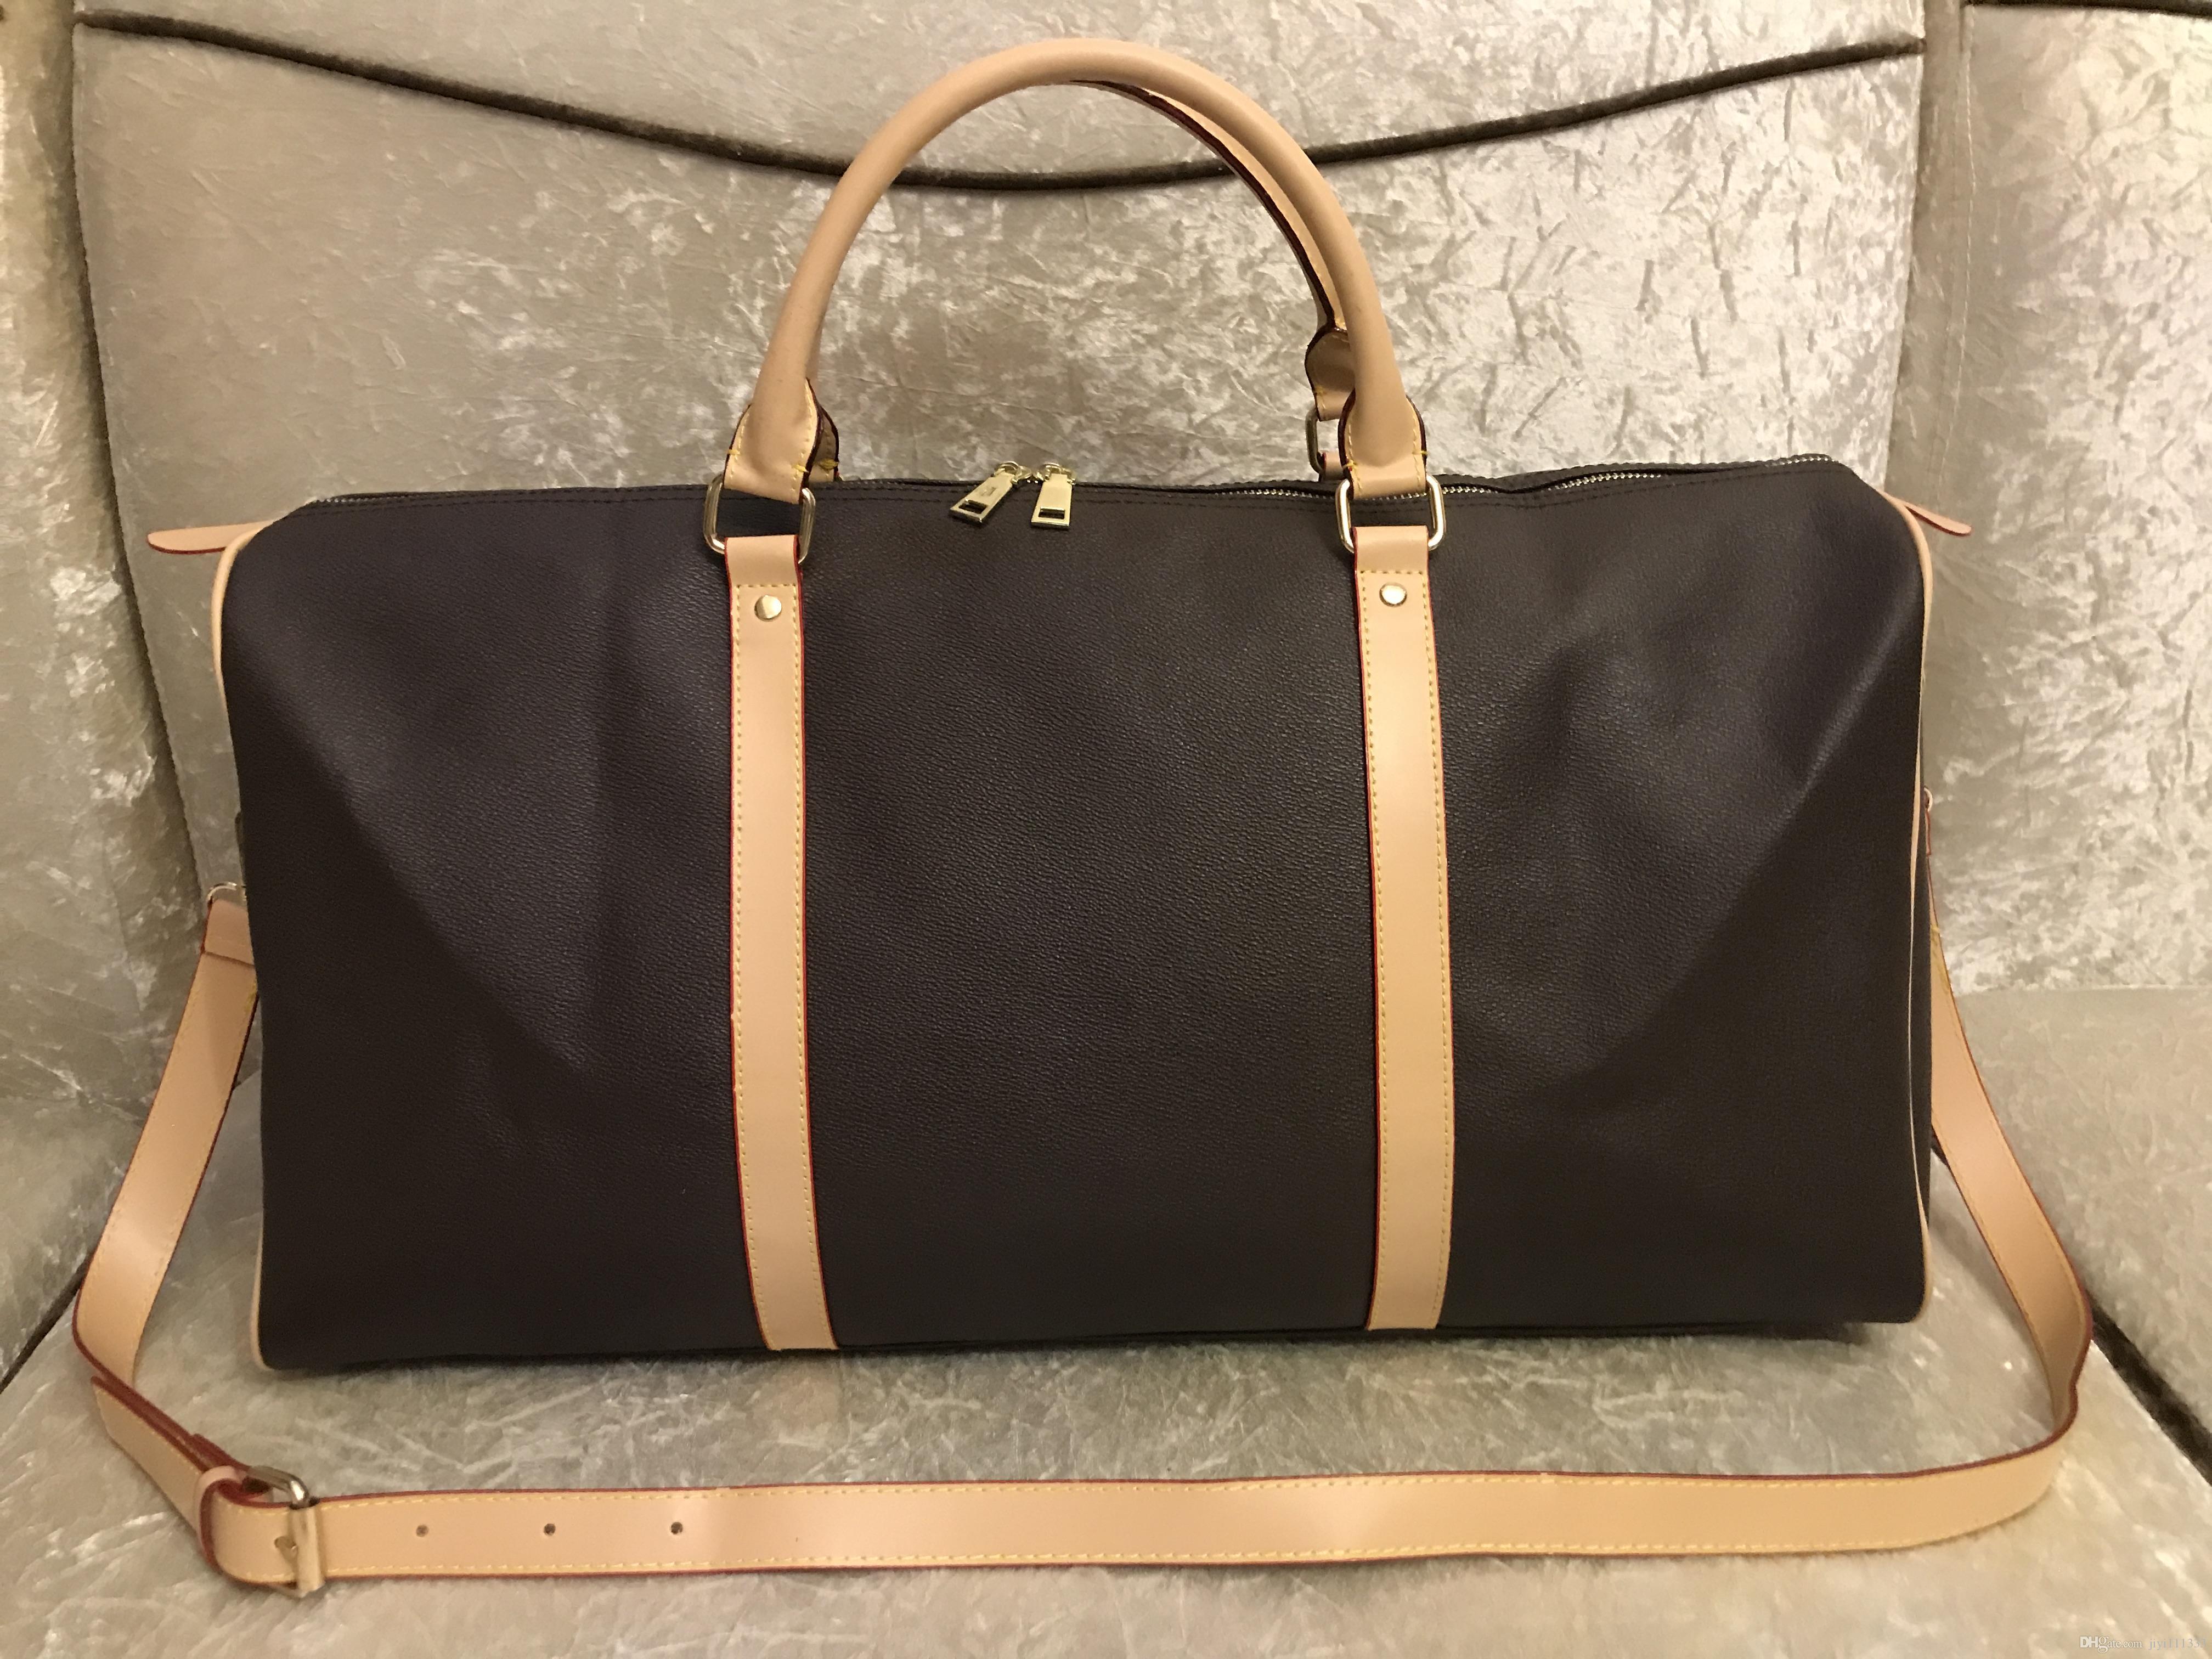 2019 الرجال واق من المطر حقيبة للمرأة السفر وحقائب اليد الأمتعة حقيبة فاخرة تصميم سفر الرجال بو الجلود حقائب كبيرة عبر الجسم حقيبة اليد 55CM